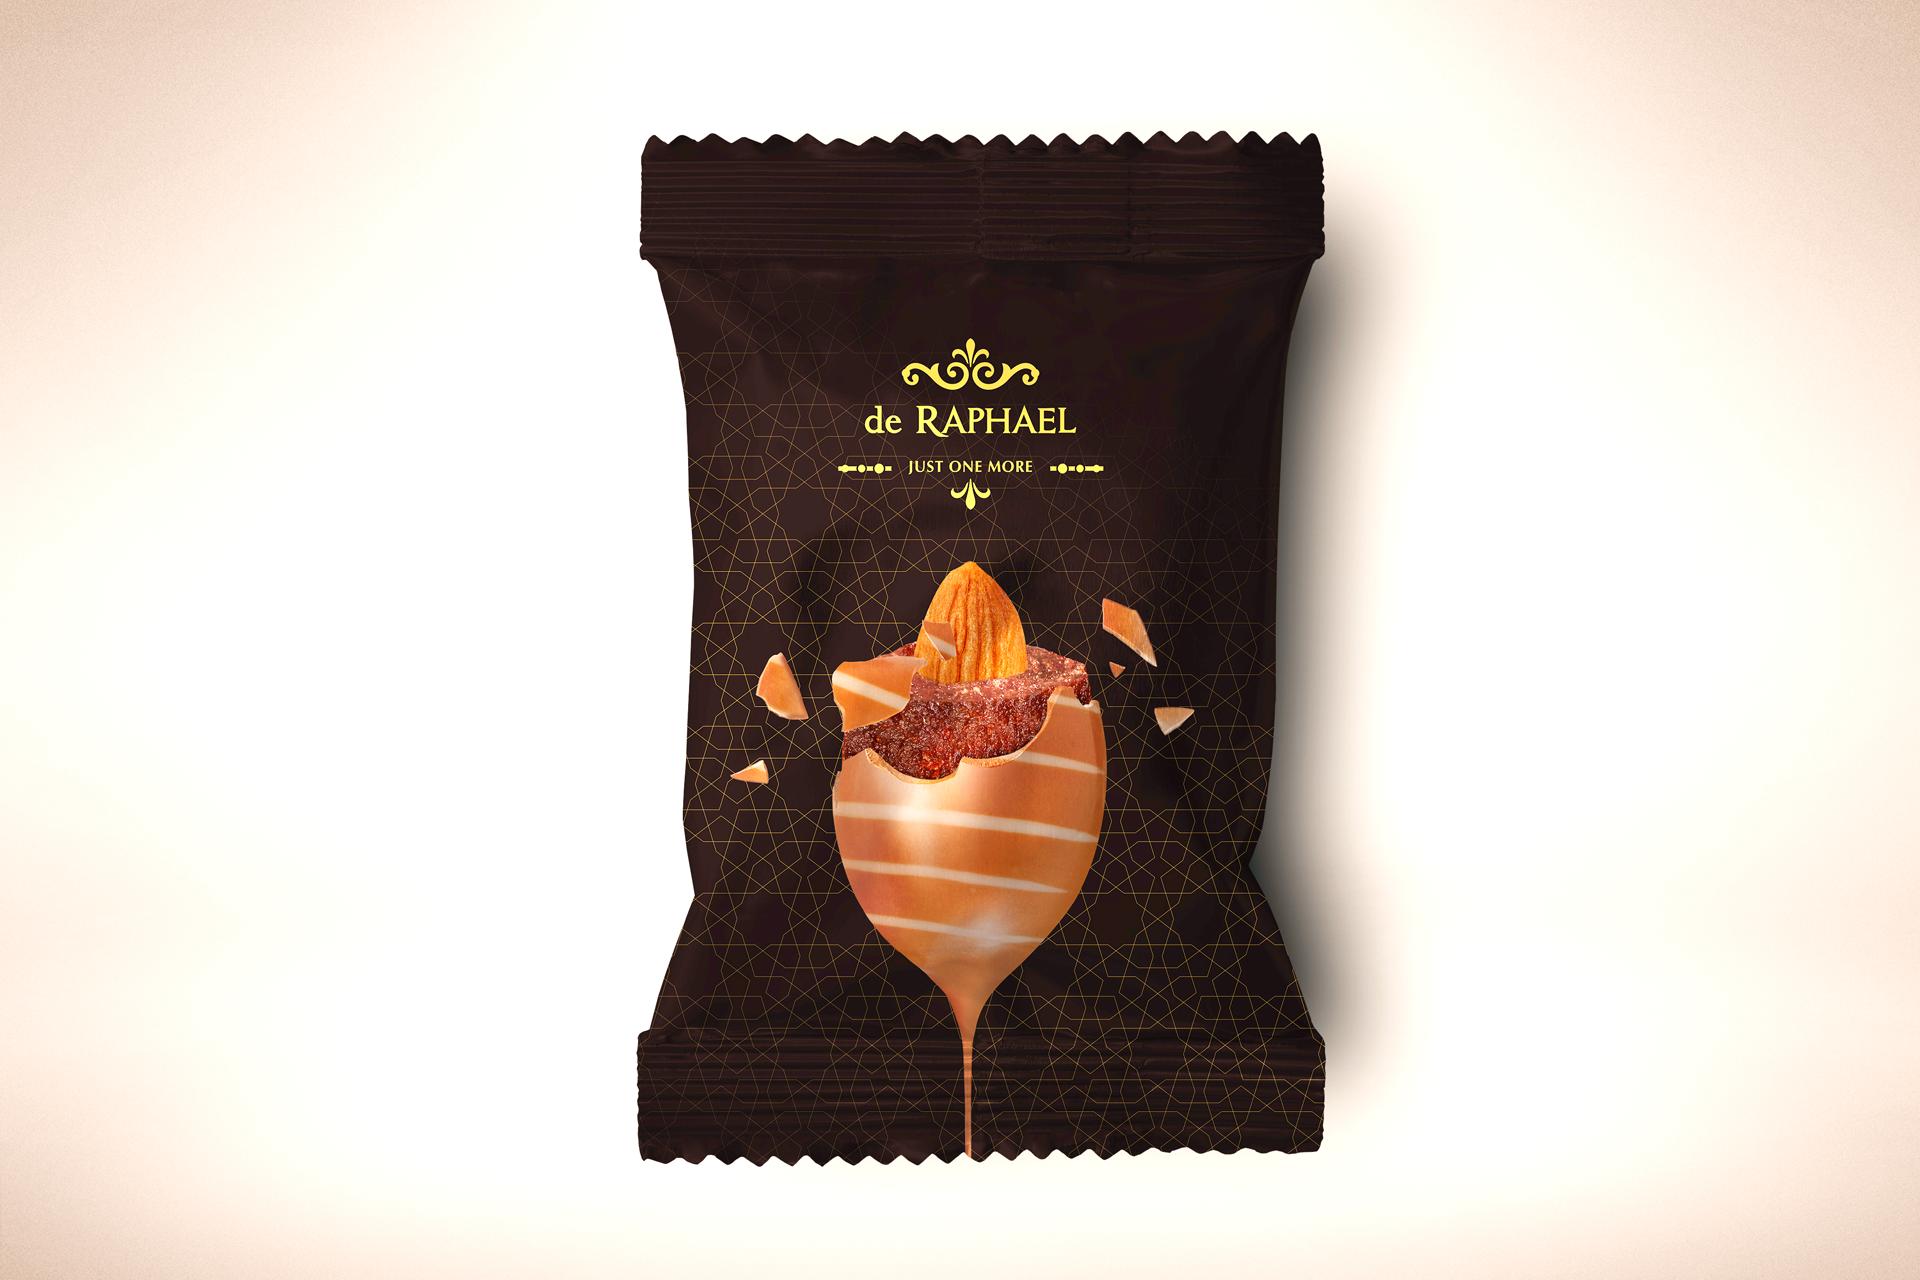 CHOCOLATE-DATE-PACKAGING-BAG